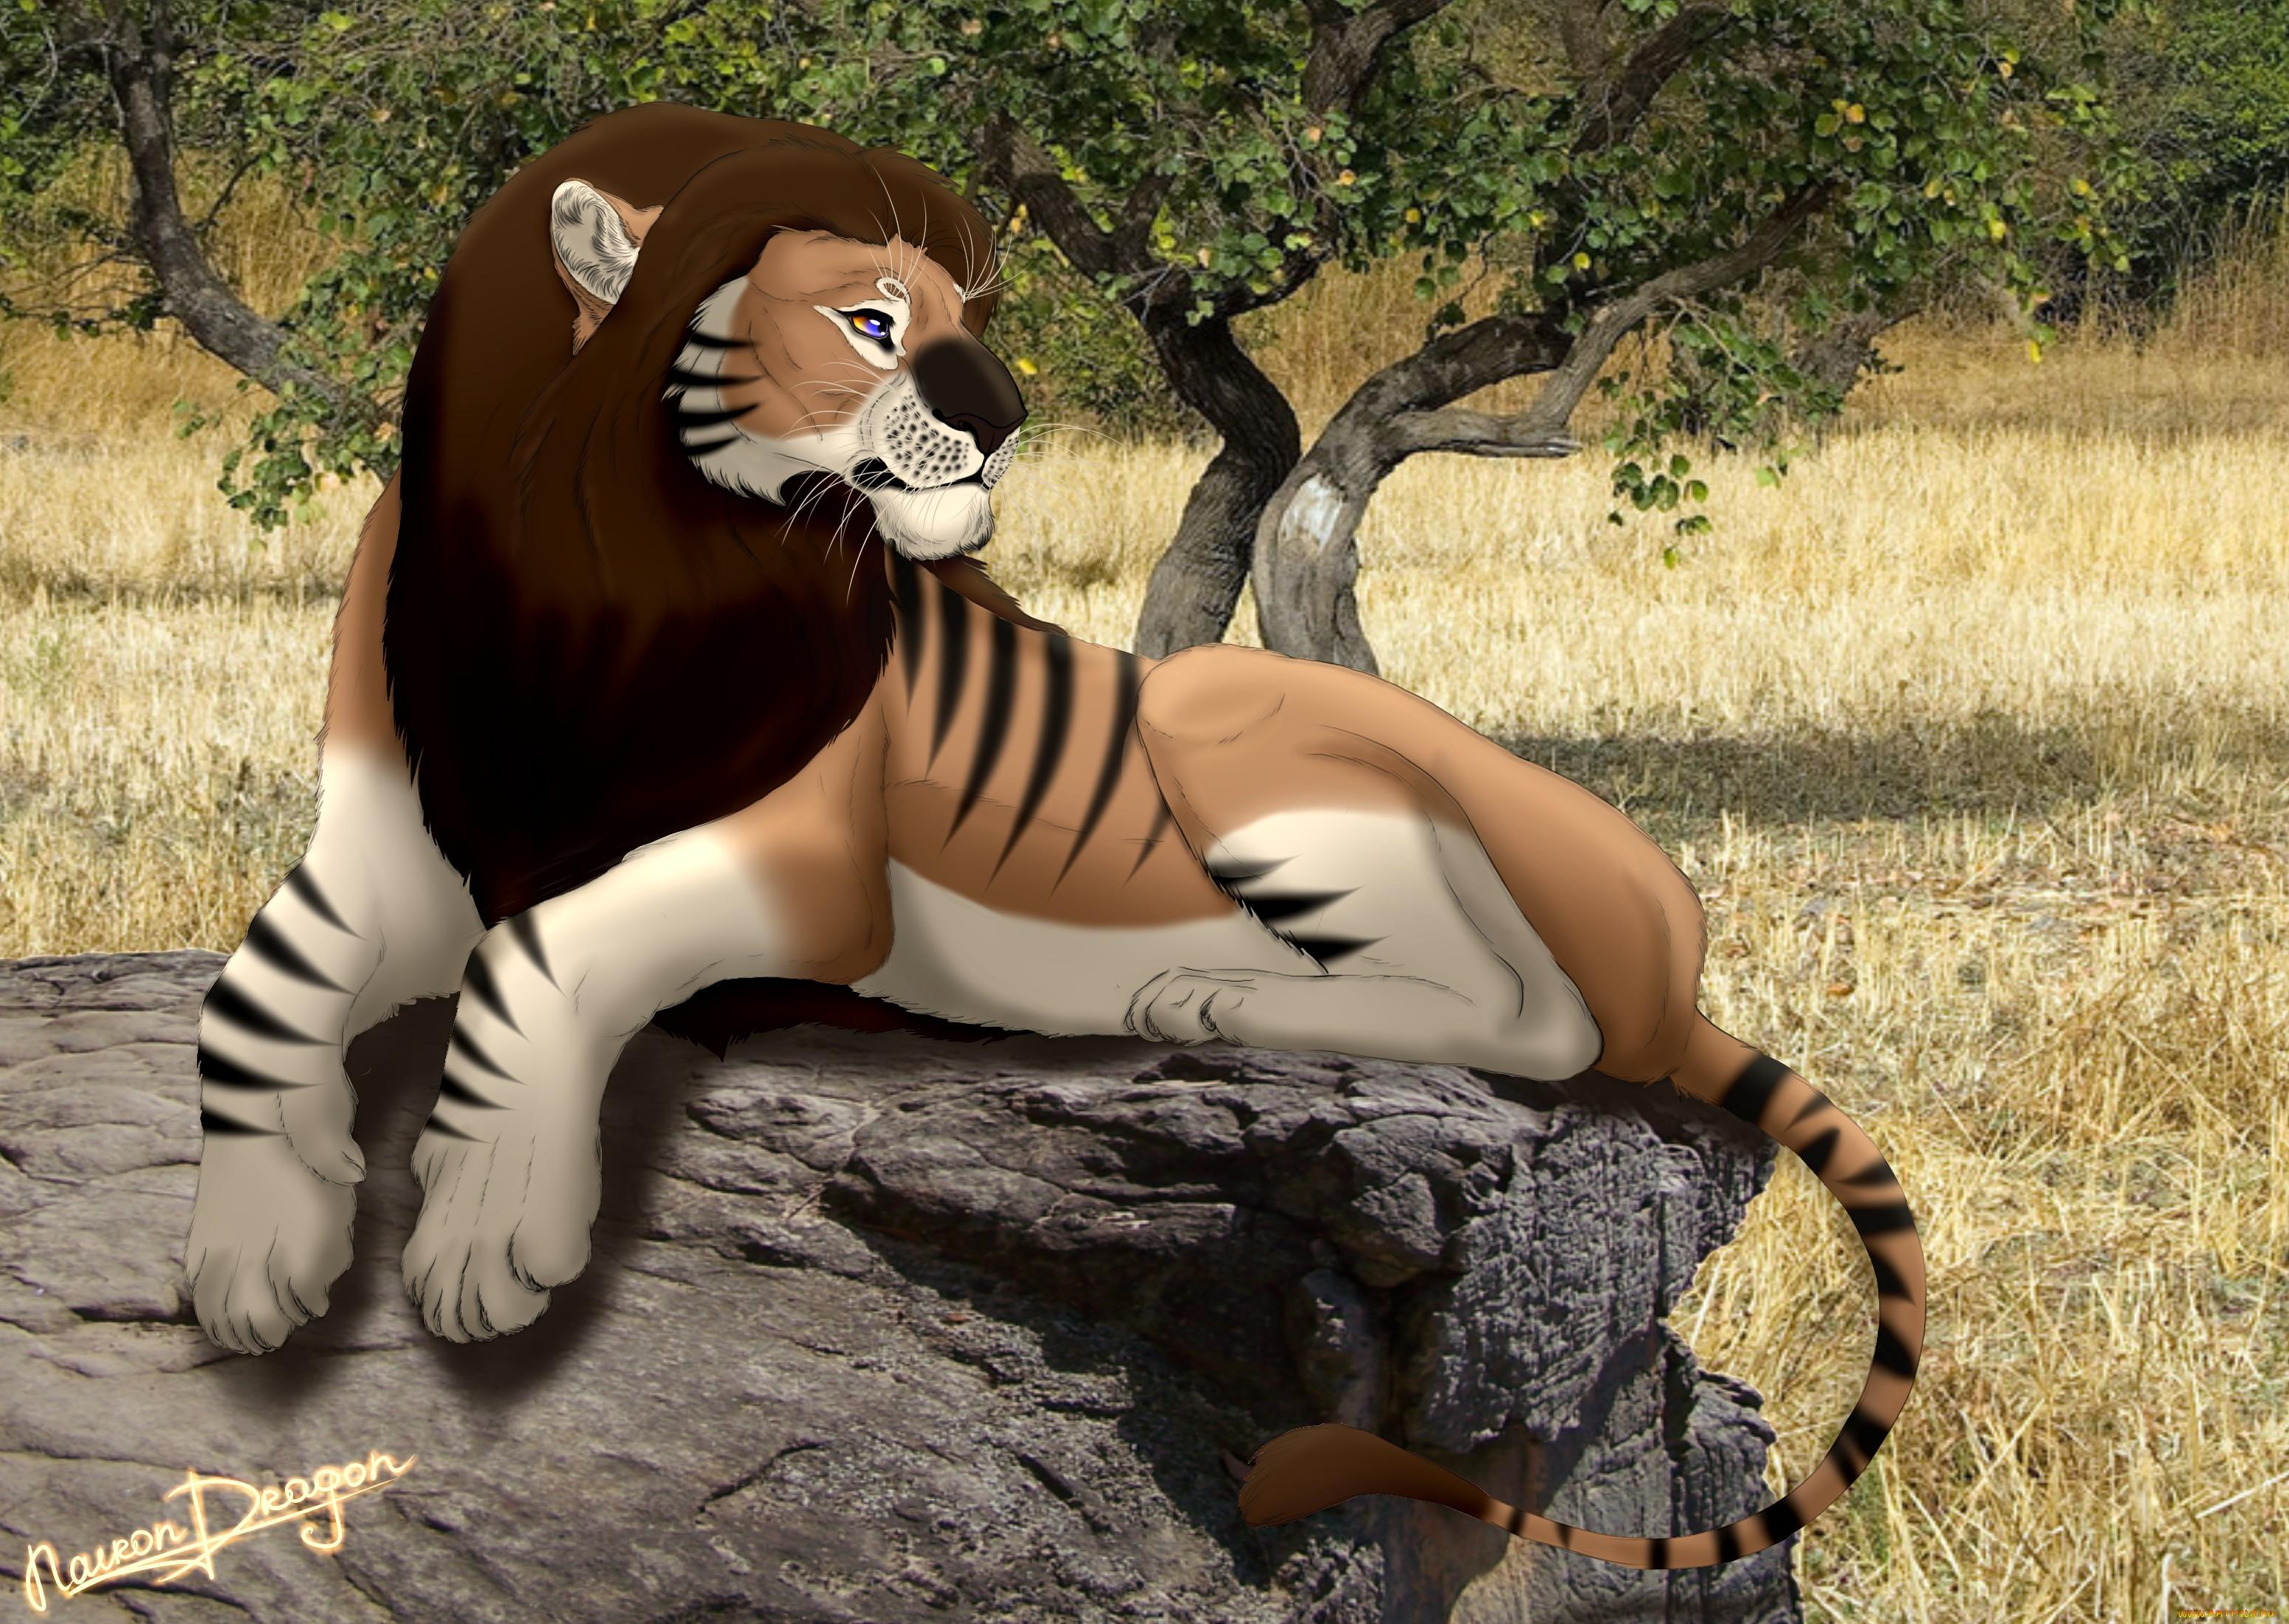 рисованное, животные,  львы, взгляд, лев